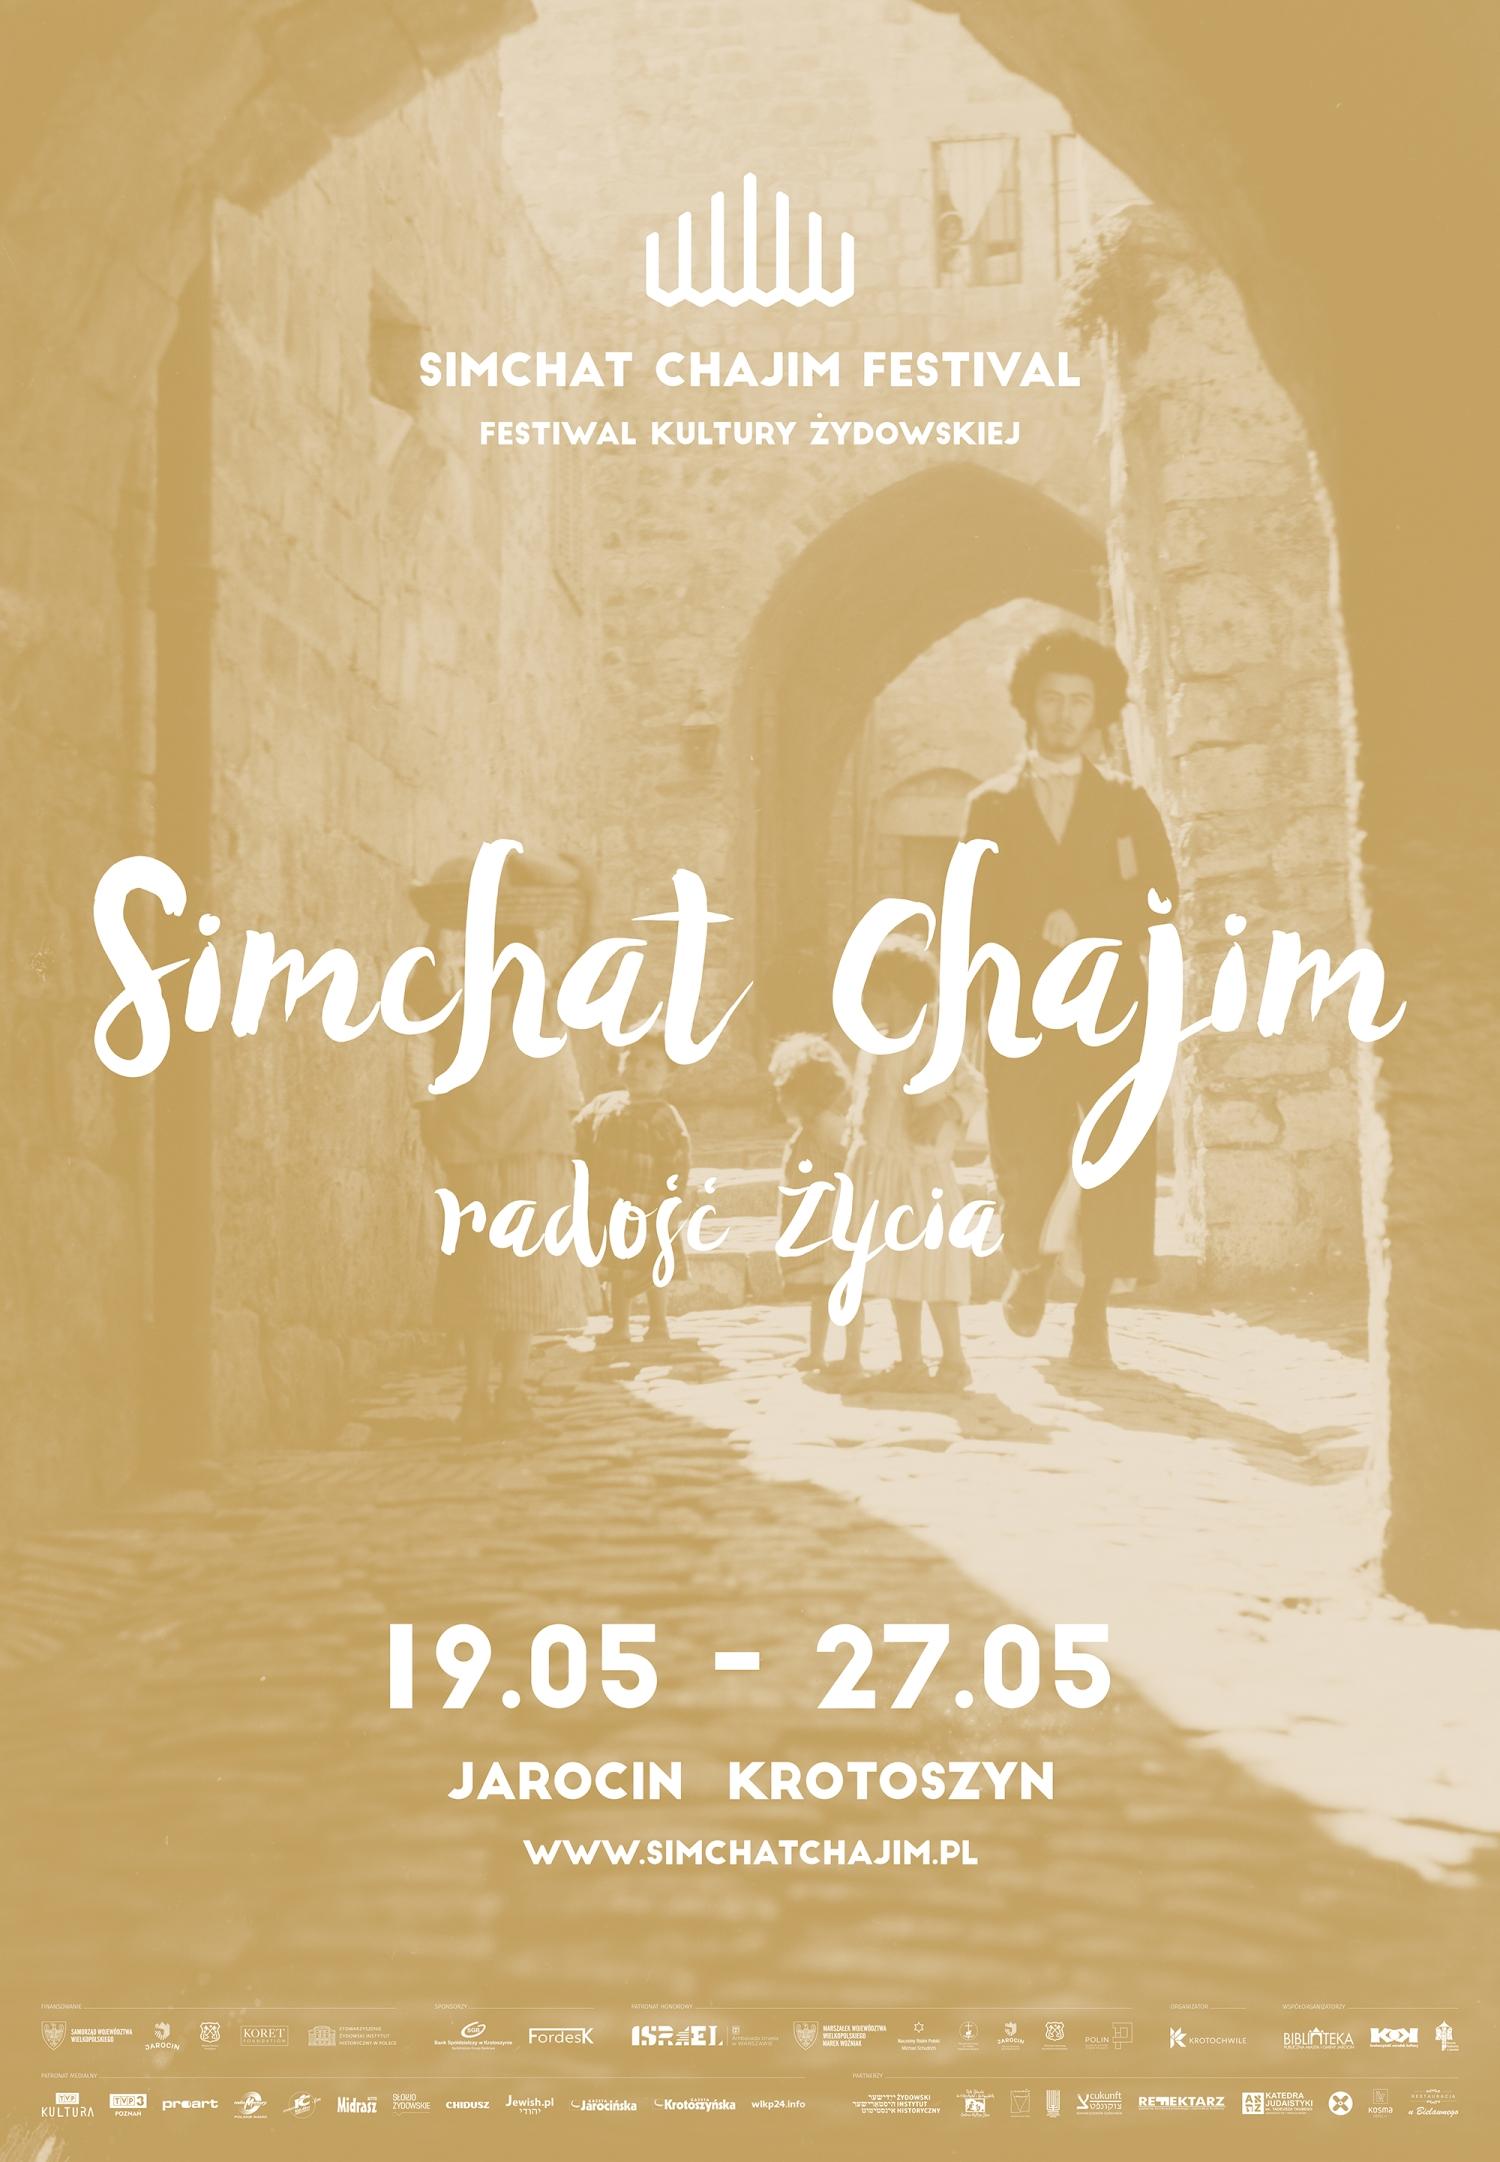 simchat-chajim-festival-festiwal-kultury-zydowskiej-krotoszyn-jarocin-radosc-zycia-chidusz-magazyn-zydowski